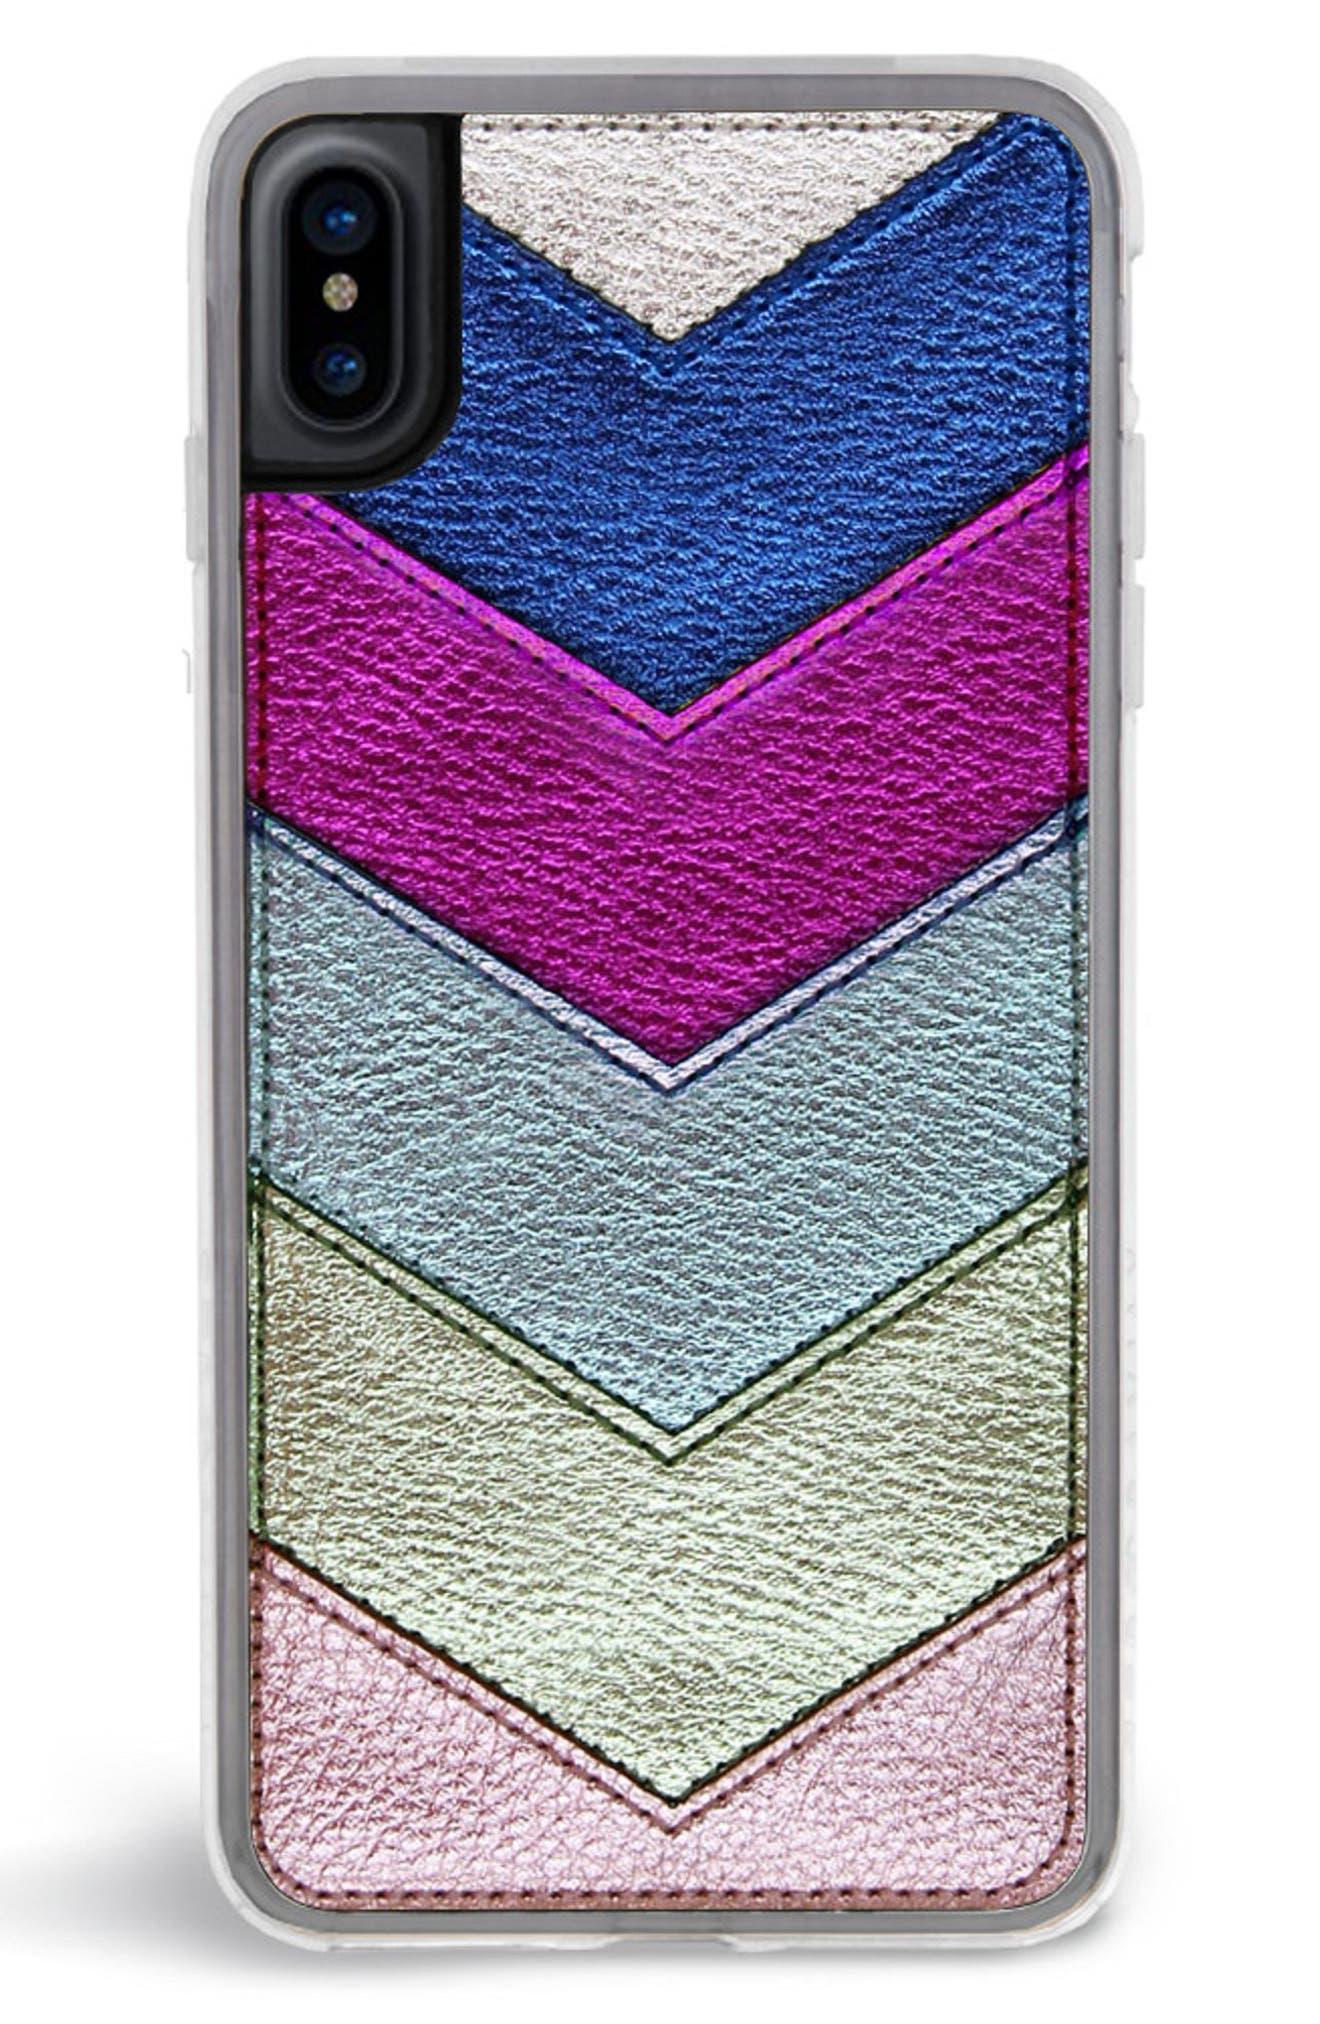 Chevron Faux Leather iPhone 6/6s/7/8 & 6/6s/7/8 Plus Case,                             Alternate thumbnail 5, color,                             650